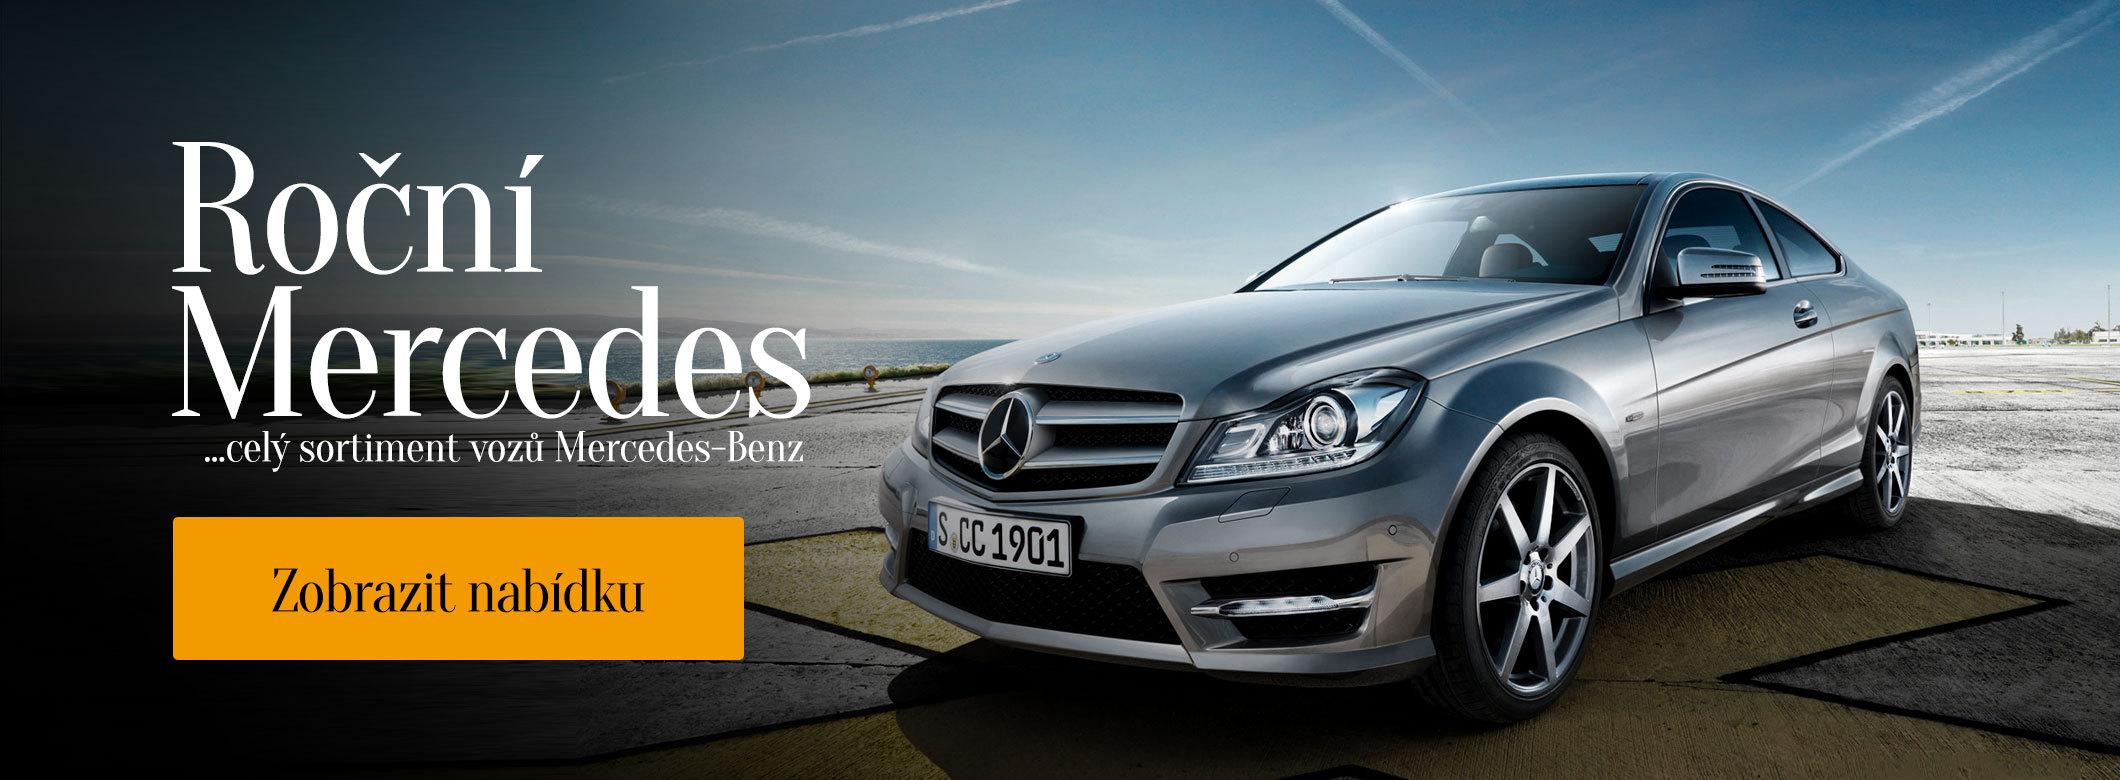 Roční Mercedes